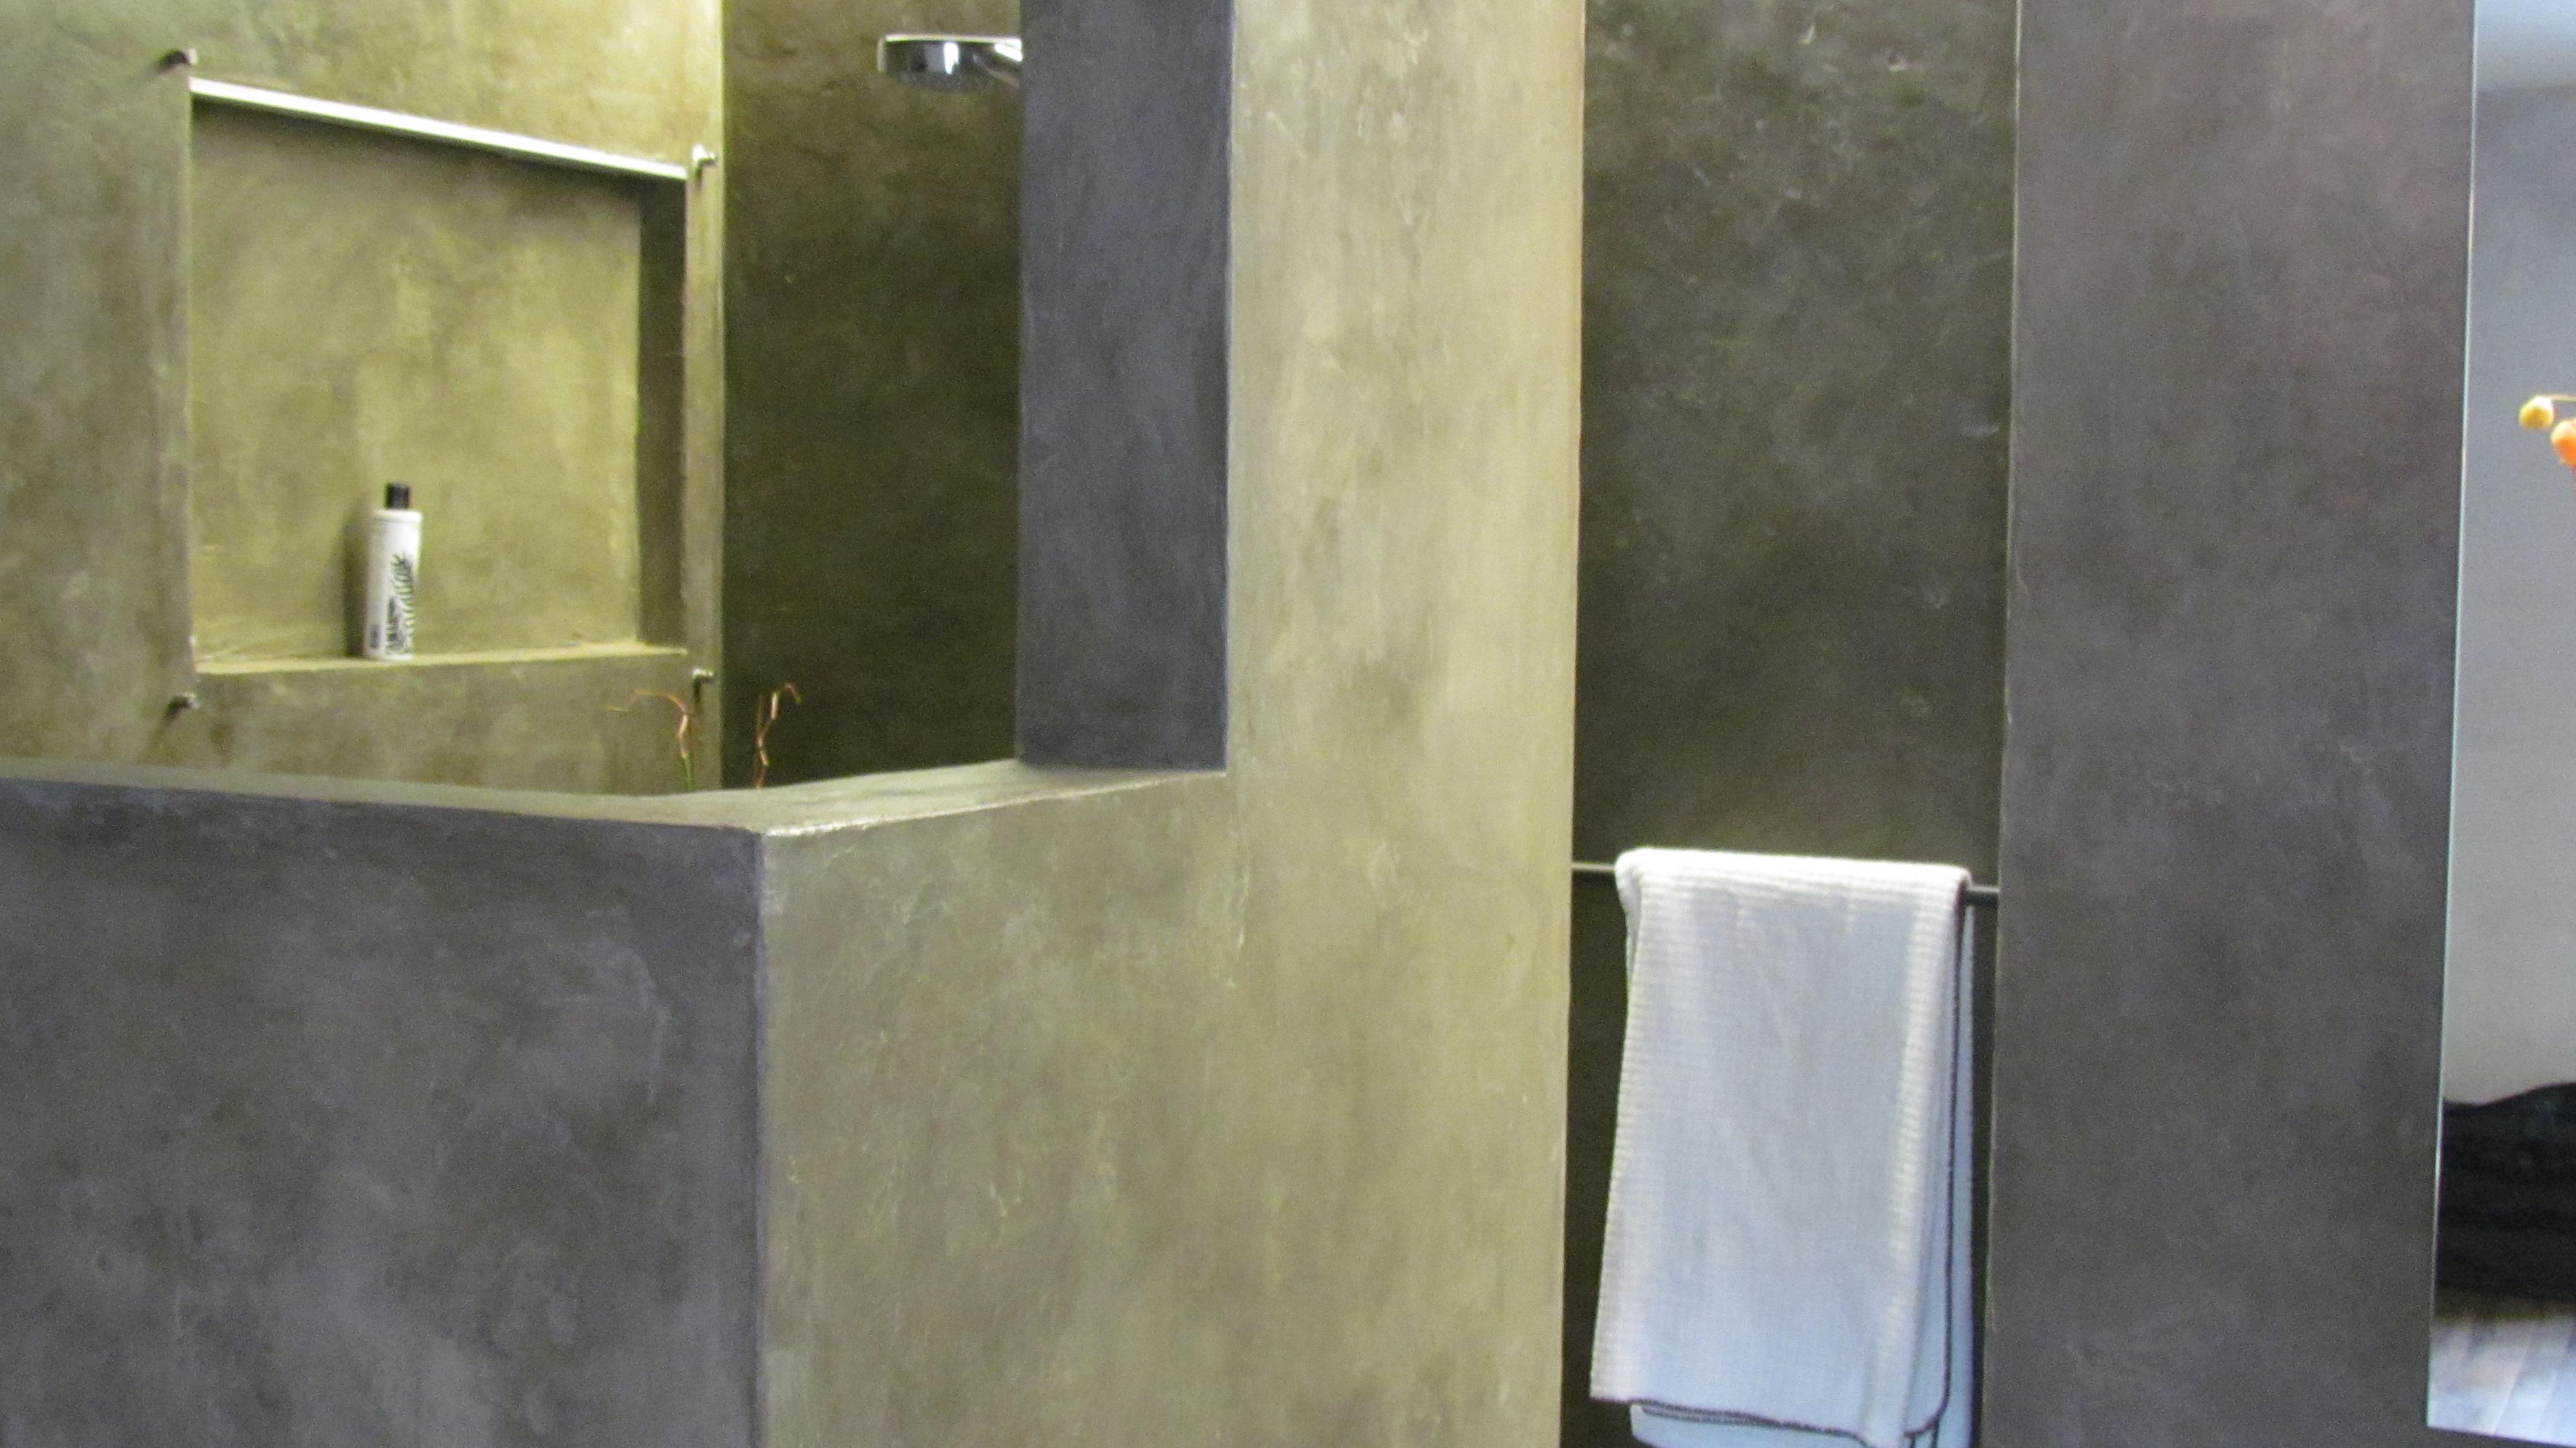 Spachtelmasse Für Betonwände betonwände betonboden spachteln betonboden neu und designed nach